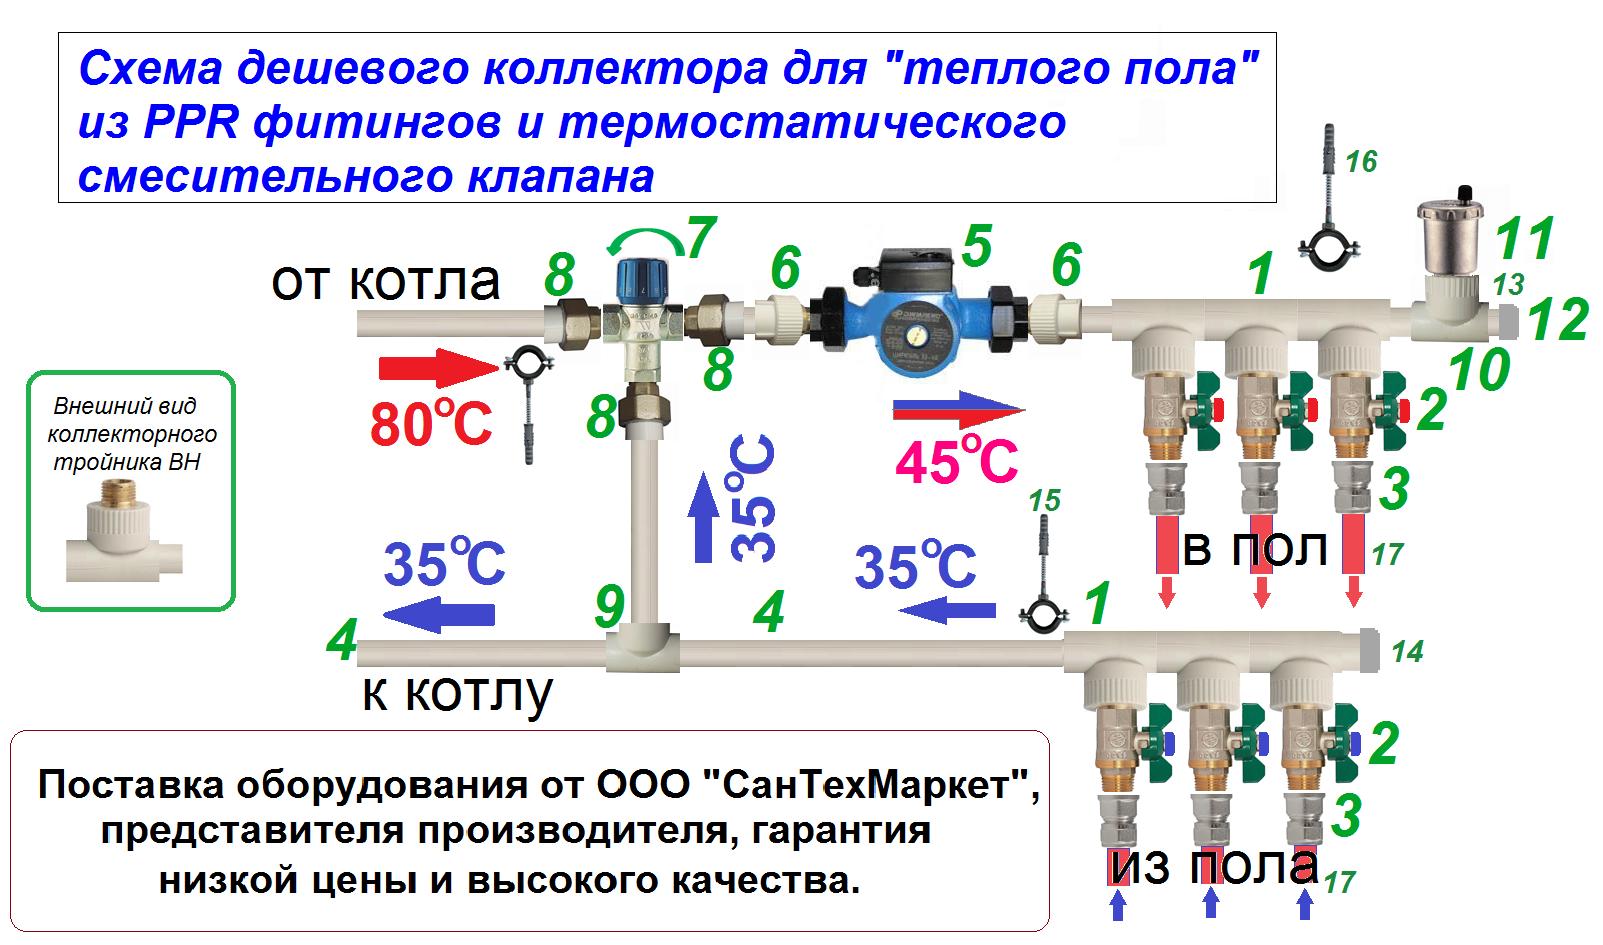 Как собрать коллектор для теплого пола своими руками - схема и 60